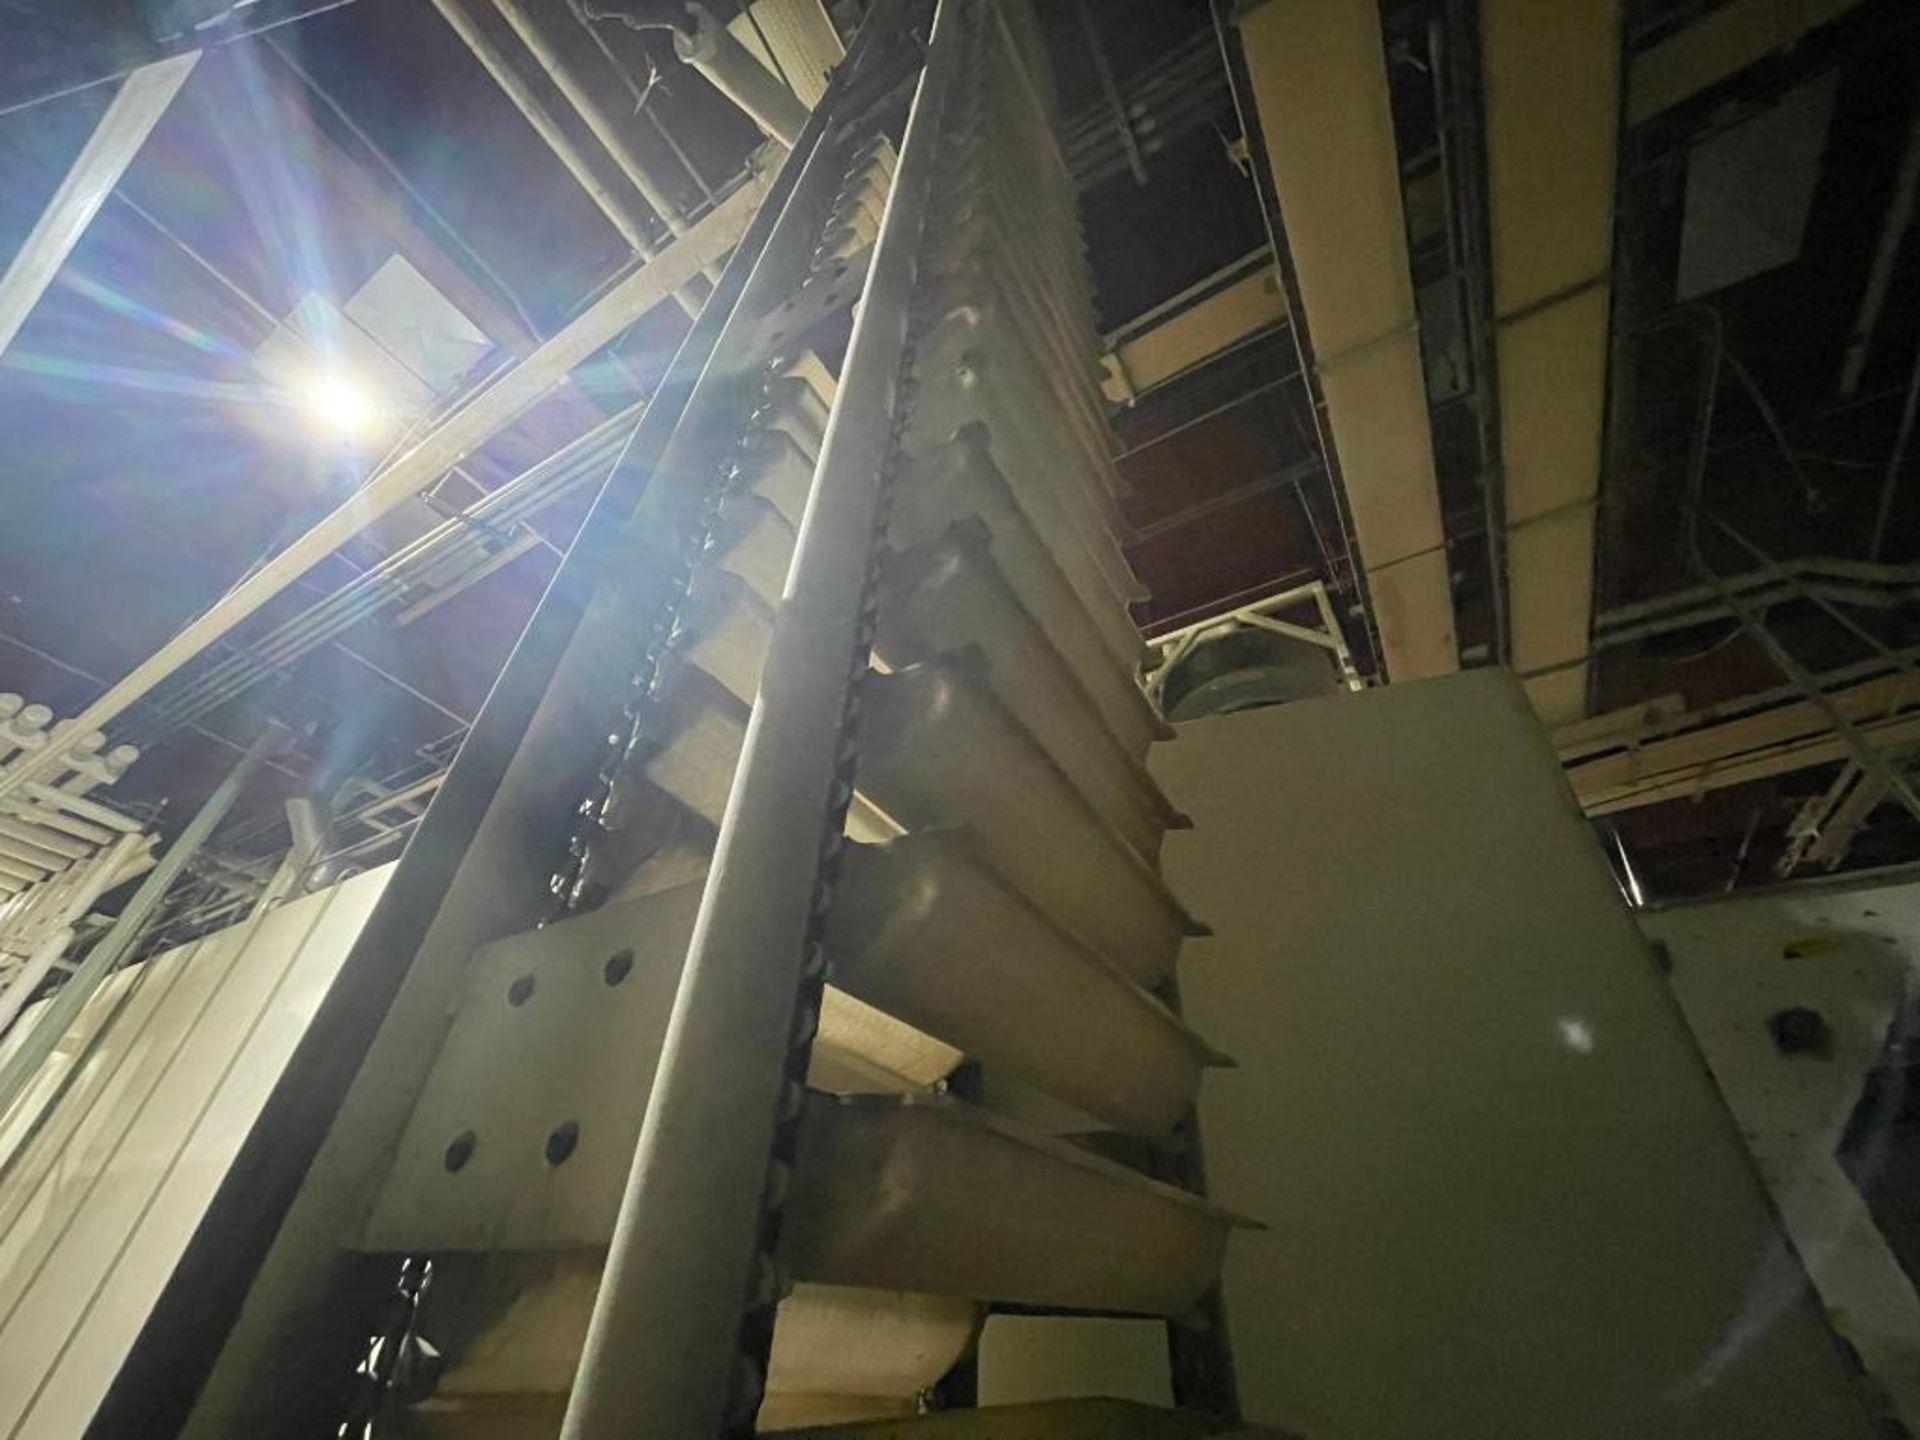 Aseeco overlapping bucket elevator - Image 13 of 14